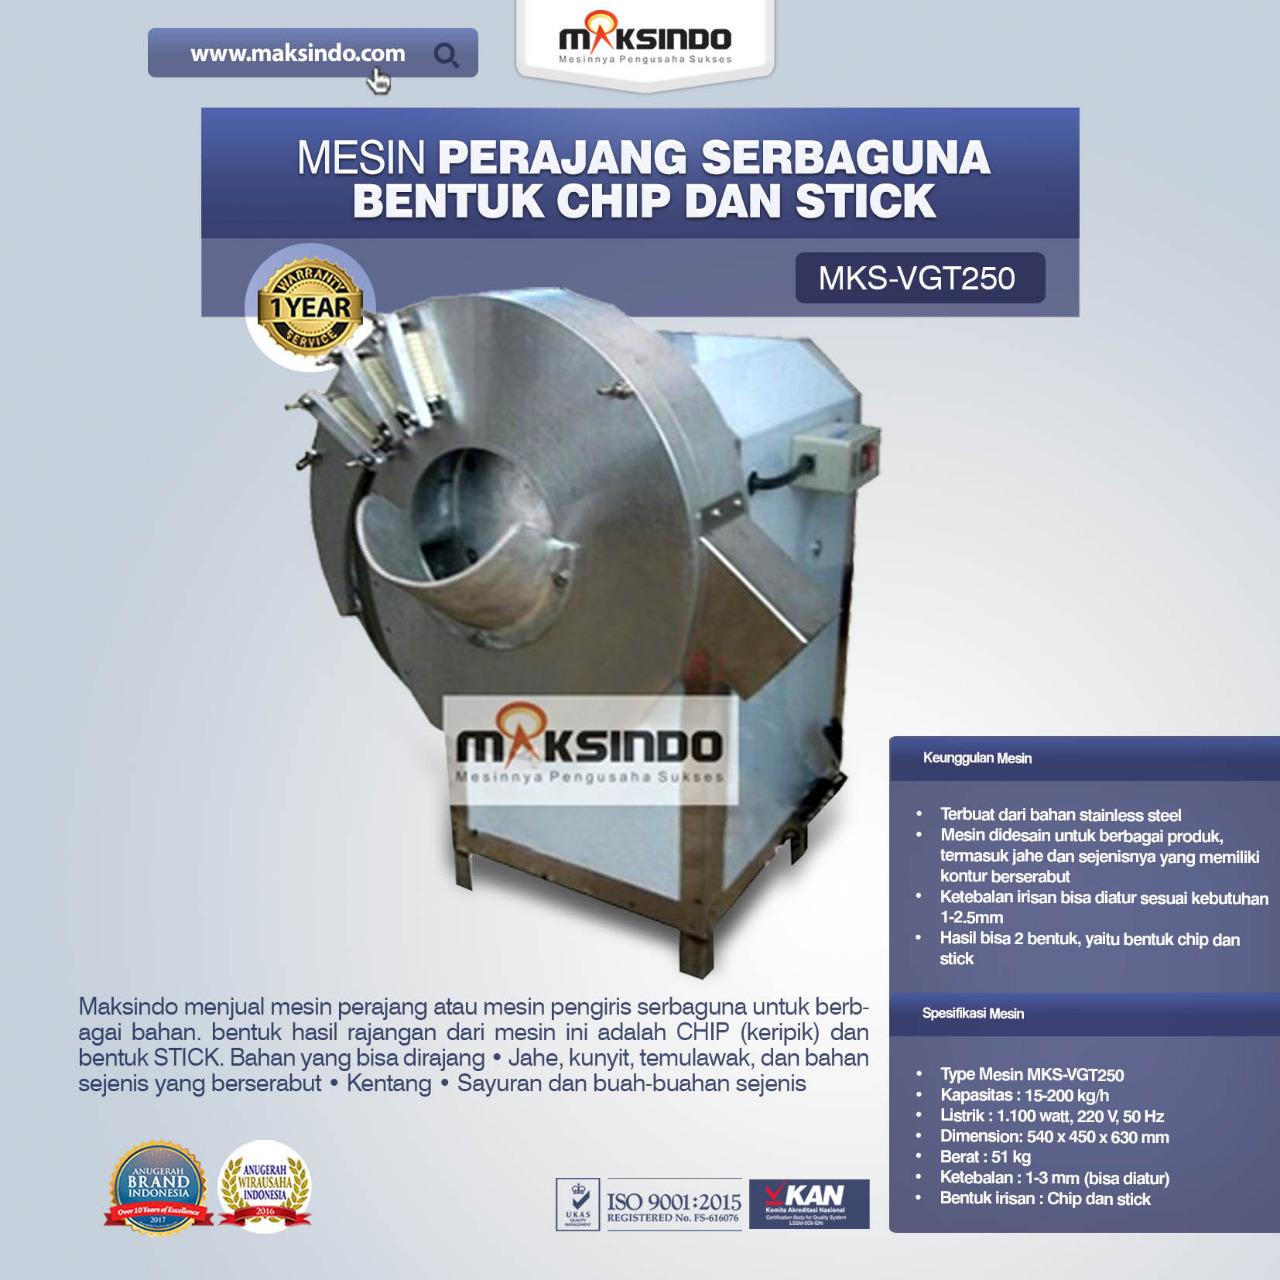 Jual Mesin Perajang Serbaguna Bentuk Chip dan Stick – MKS-VGT250 di Medan